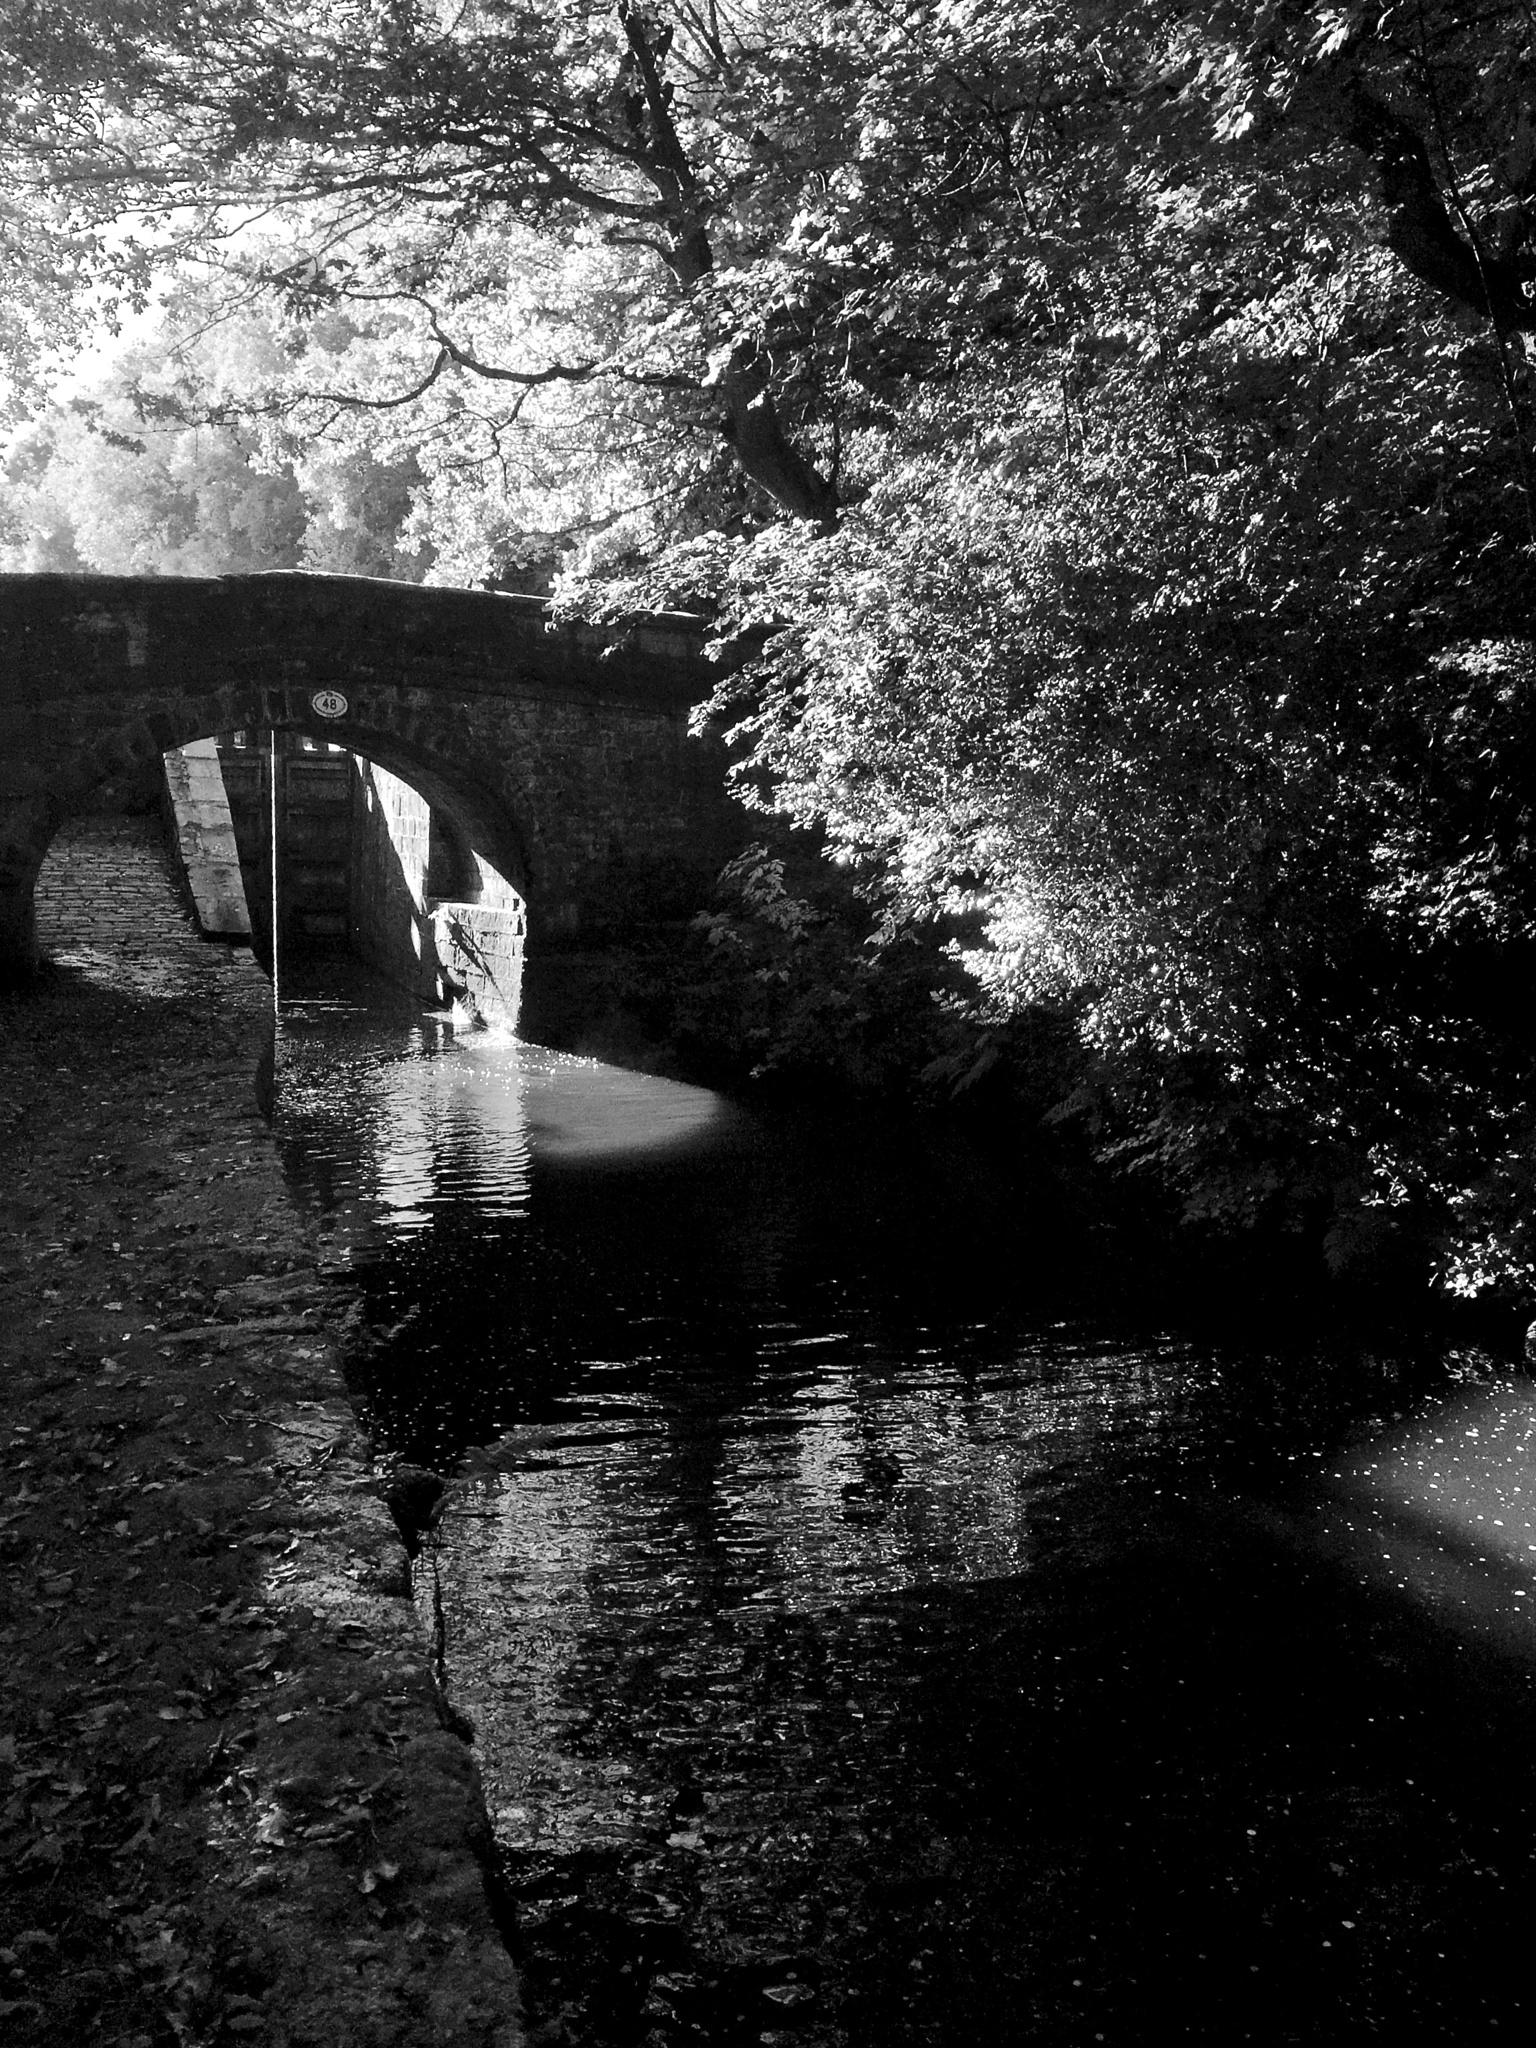 Huddersfield Narrow Canal, near Marsden 1. Oct 2015 by Mike Freel